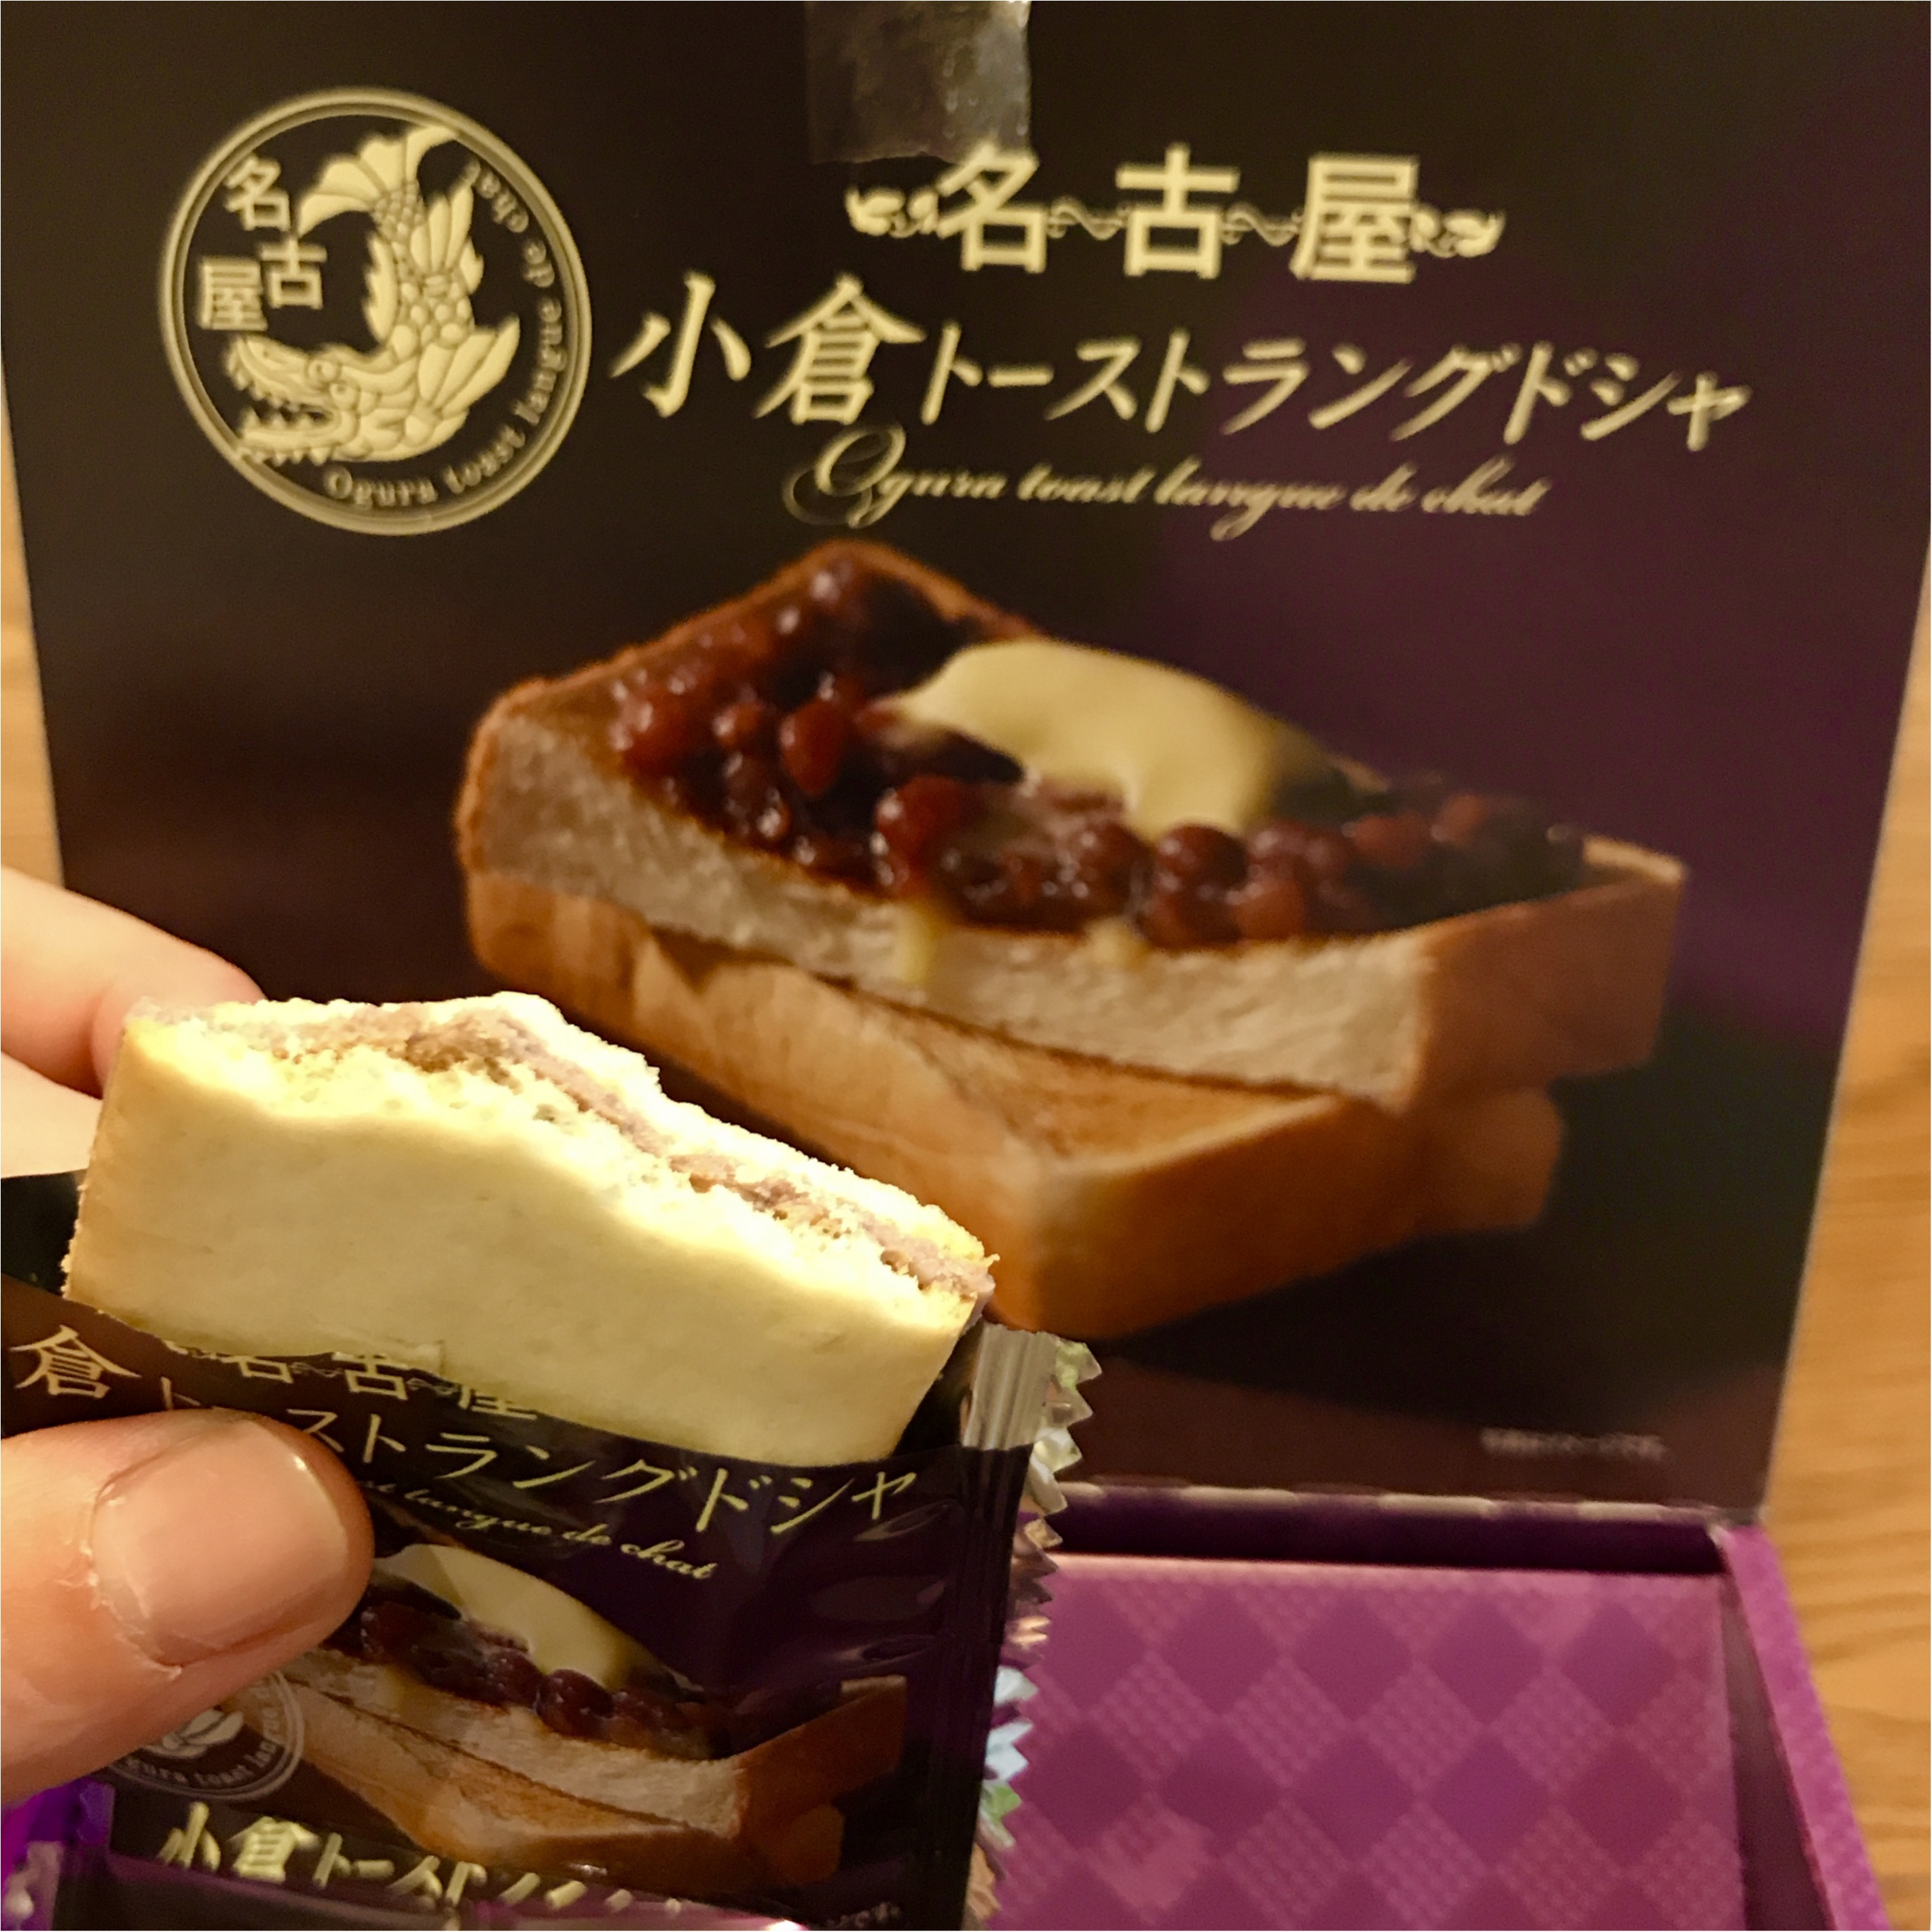 【名古屋みやげ】食べてビックリ!《小倉トーストラングドシャ》は想像を超える味♡_2